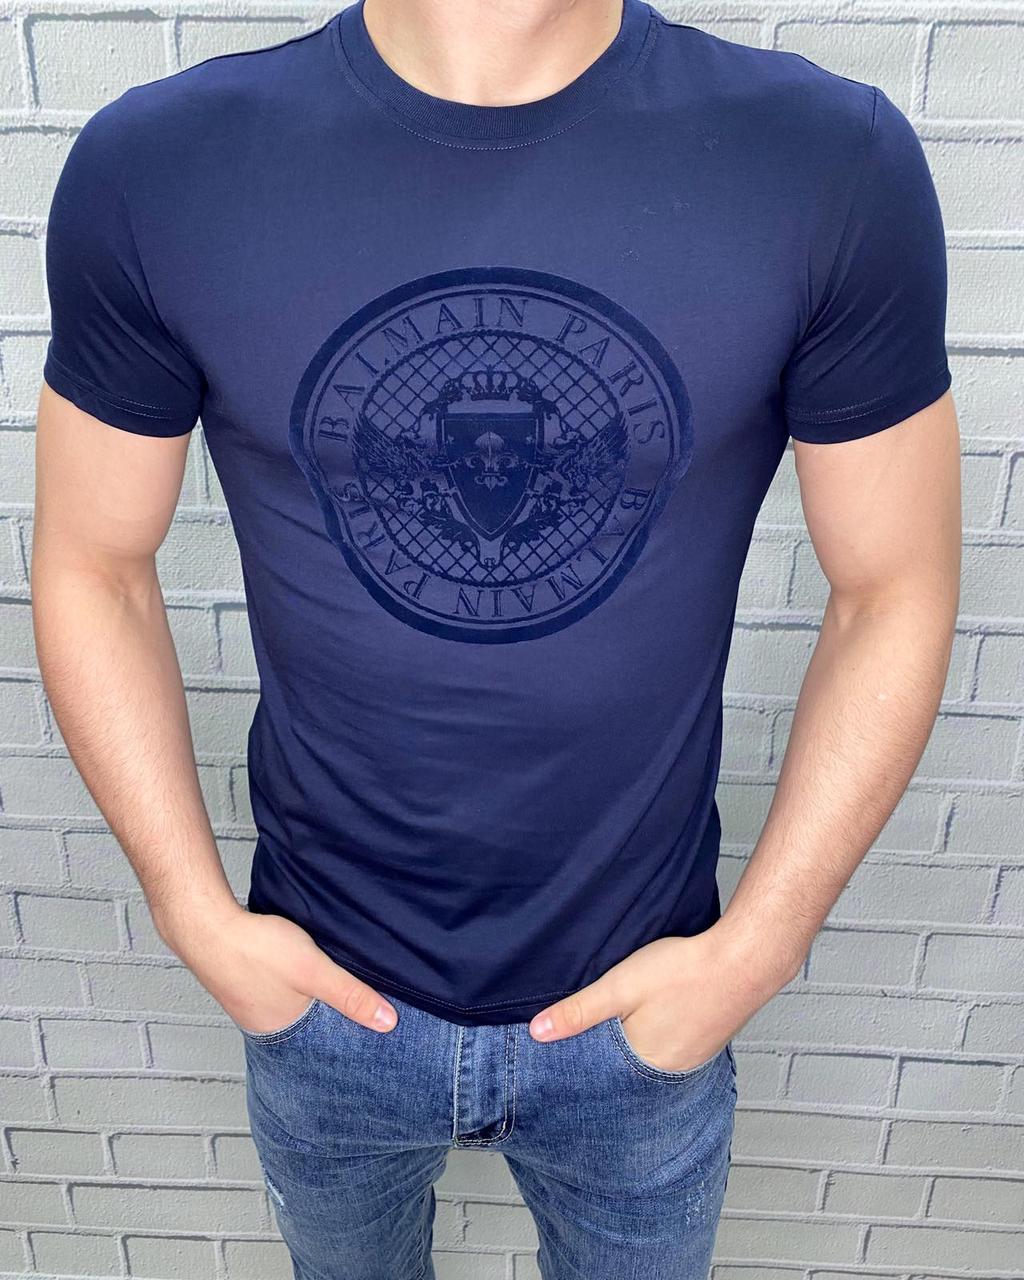 Футболка мужская Balmain Темно-синий Стильная С надписью Однотонная Бальман для мужчин на каждый день 50